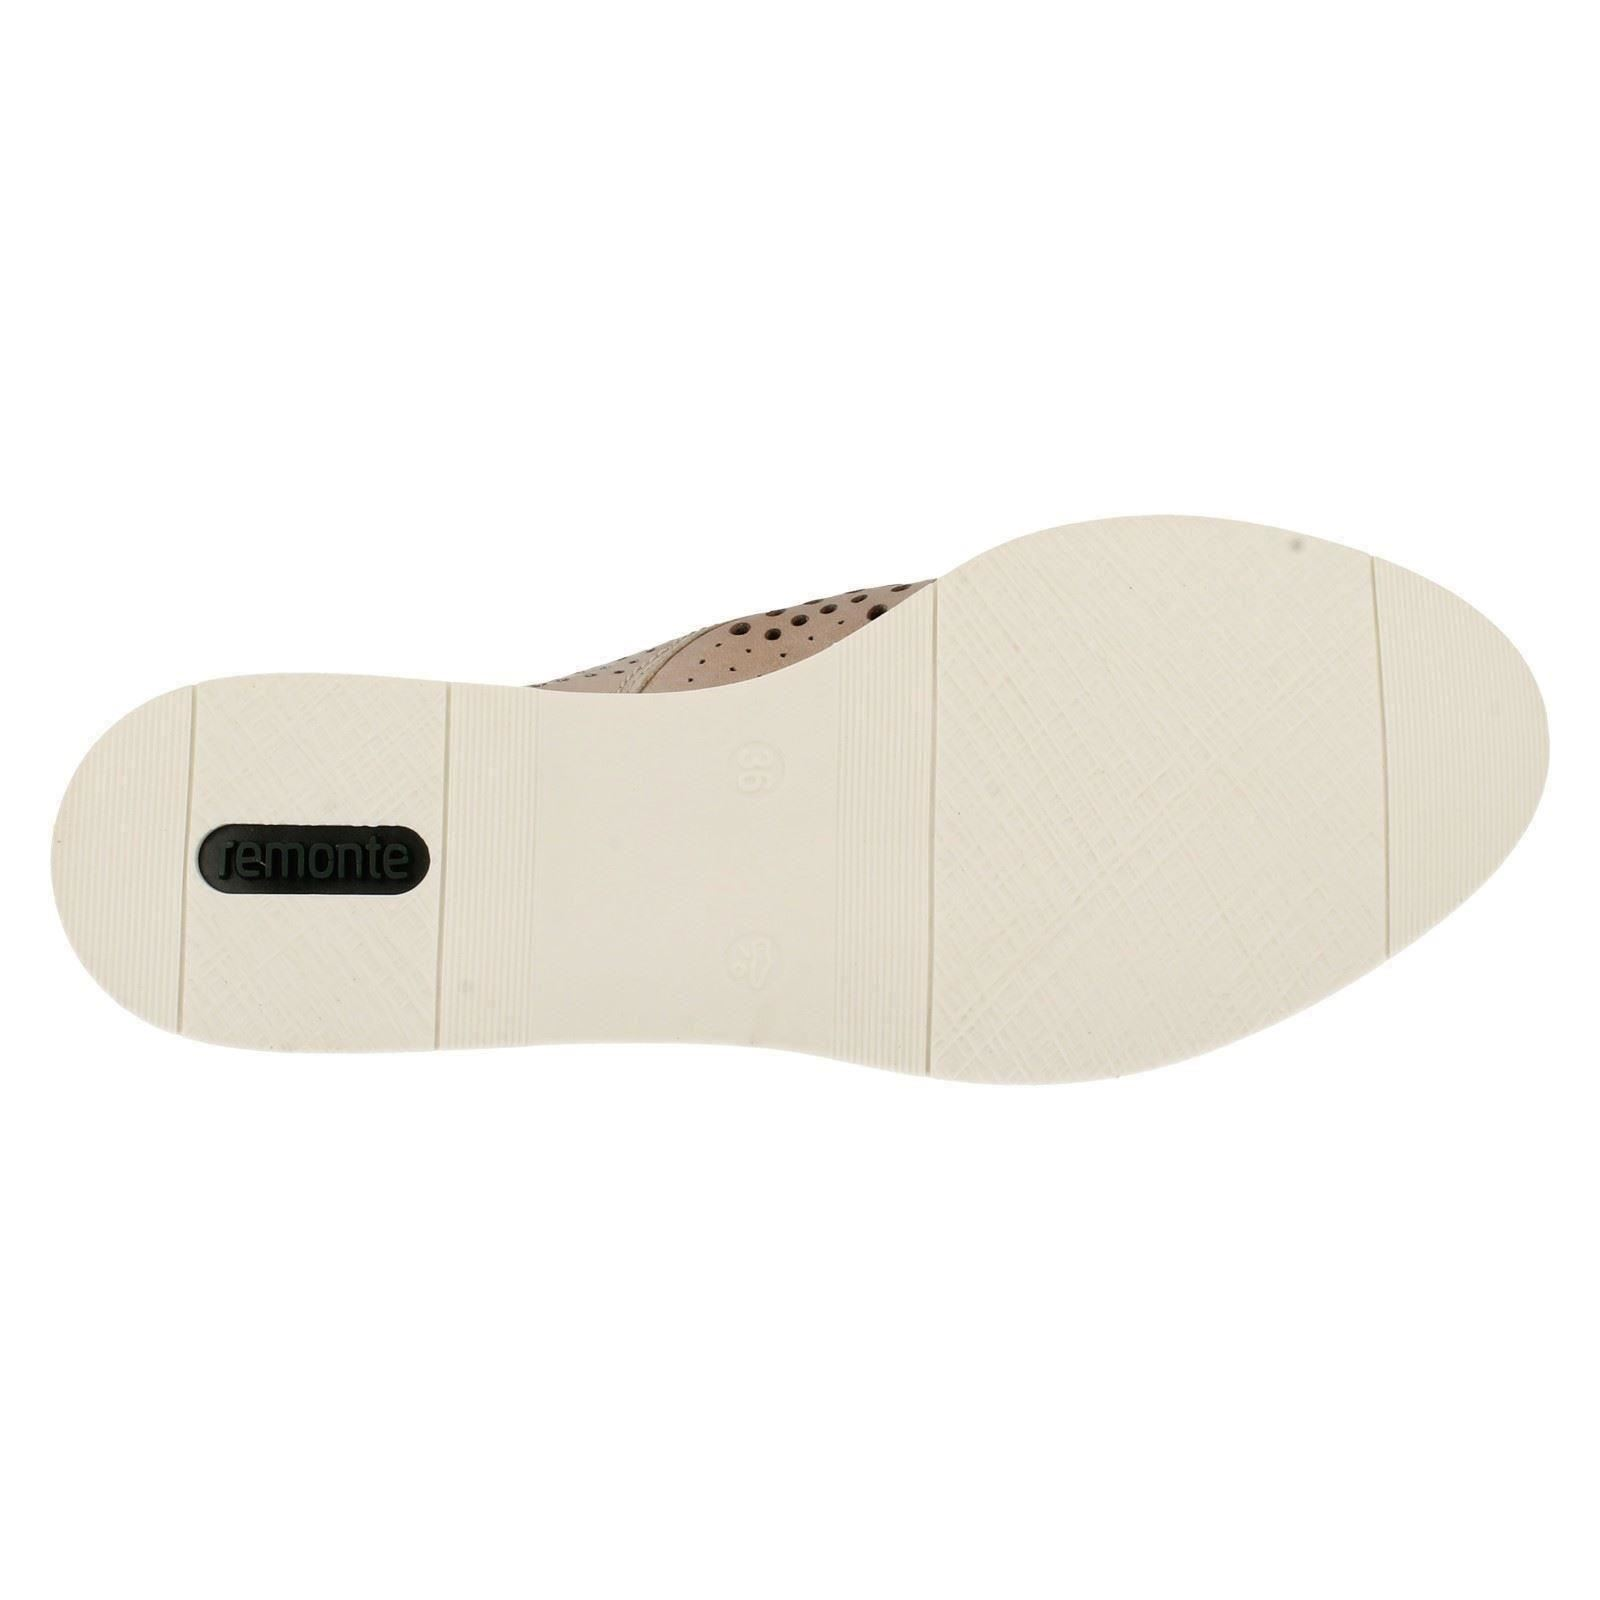 Gran descuento Descuento por tiempo Remonte limitado Ladies Remonte tiempo Smart Casual Lace Up Shoes - 'R0403' 88c2f7